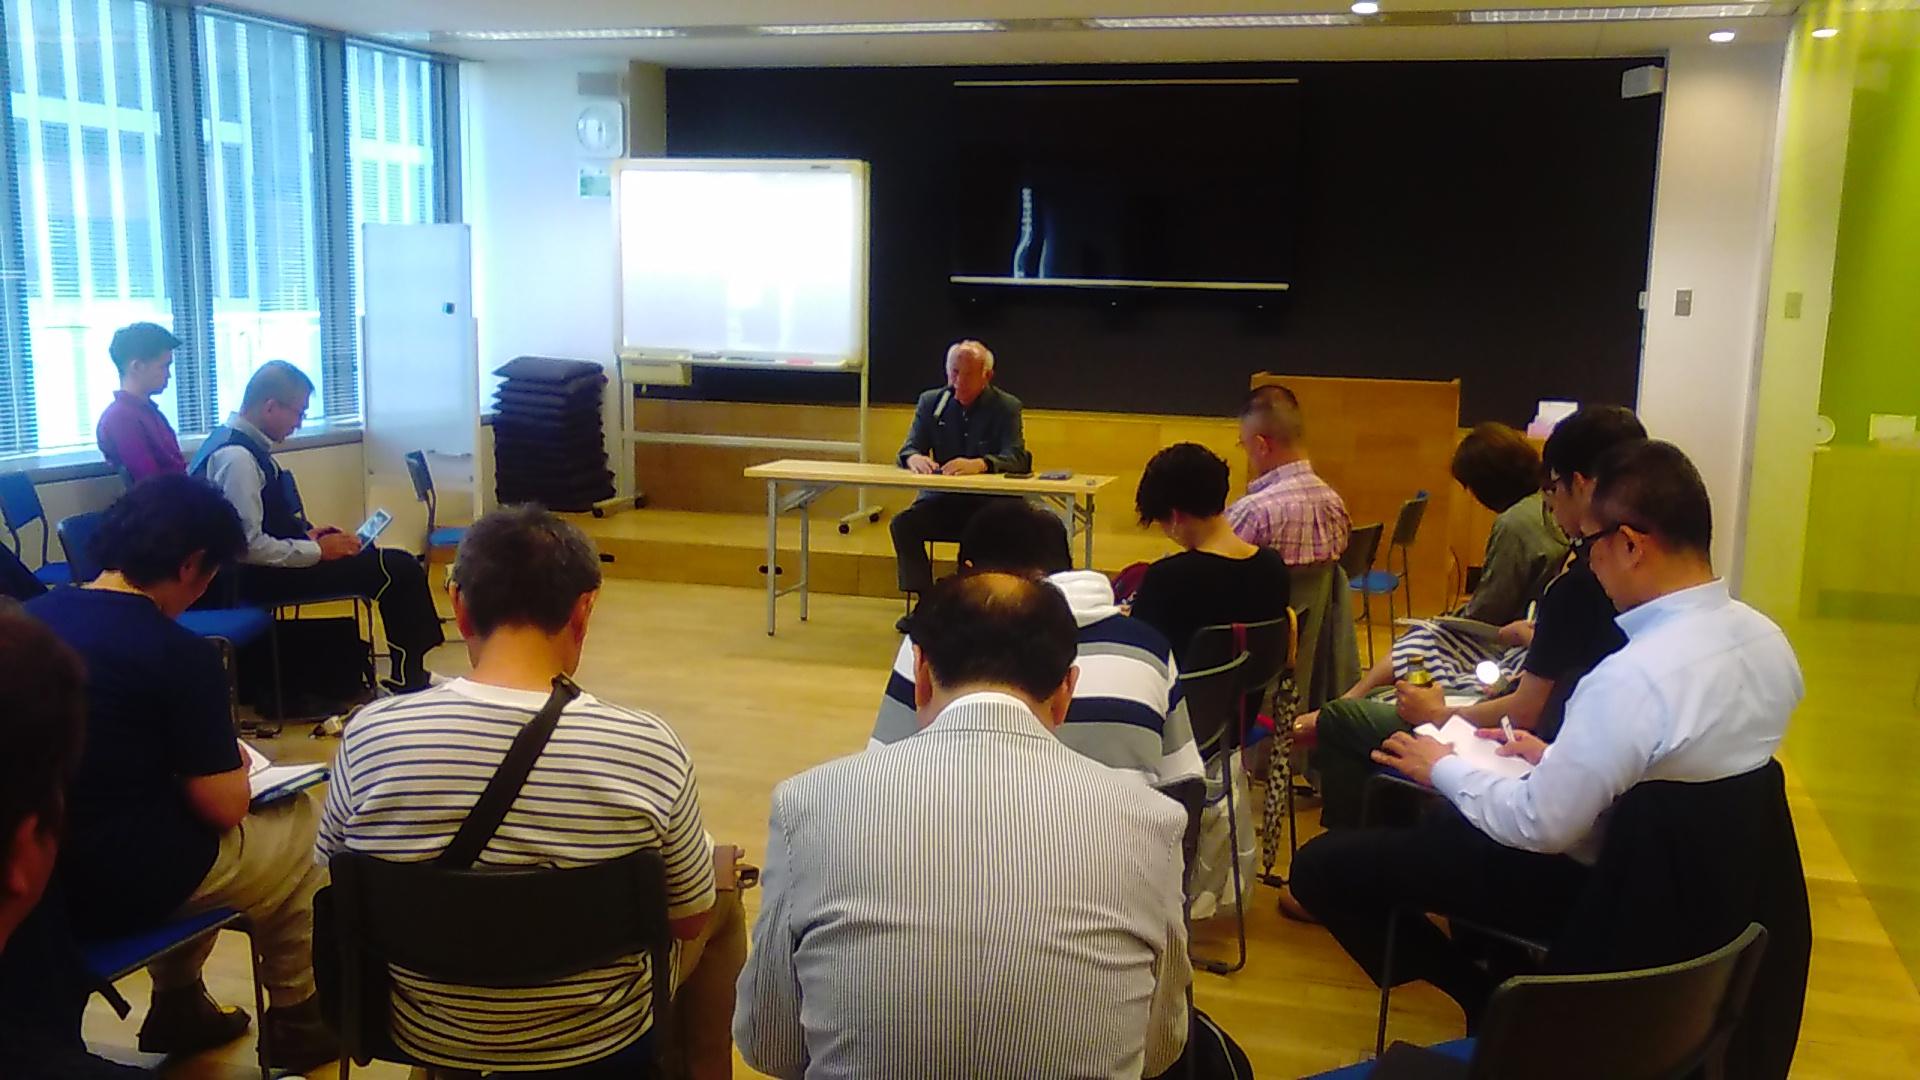 KIMG1363 1 - 第3回東京思風塾「本物の人間になるための問い」をテーマに開催しました。